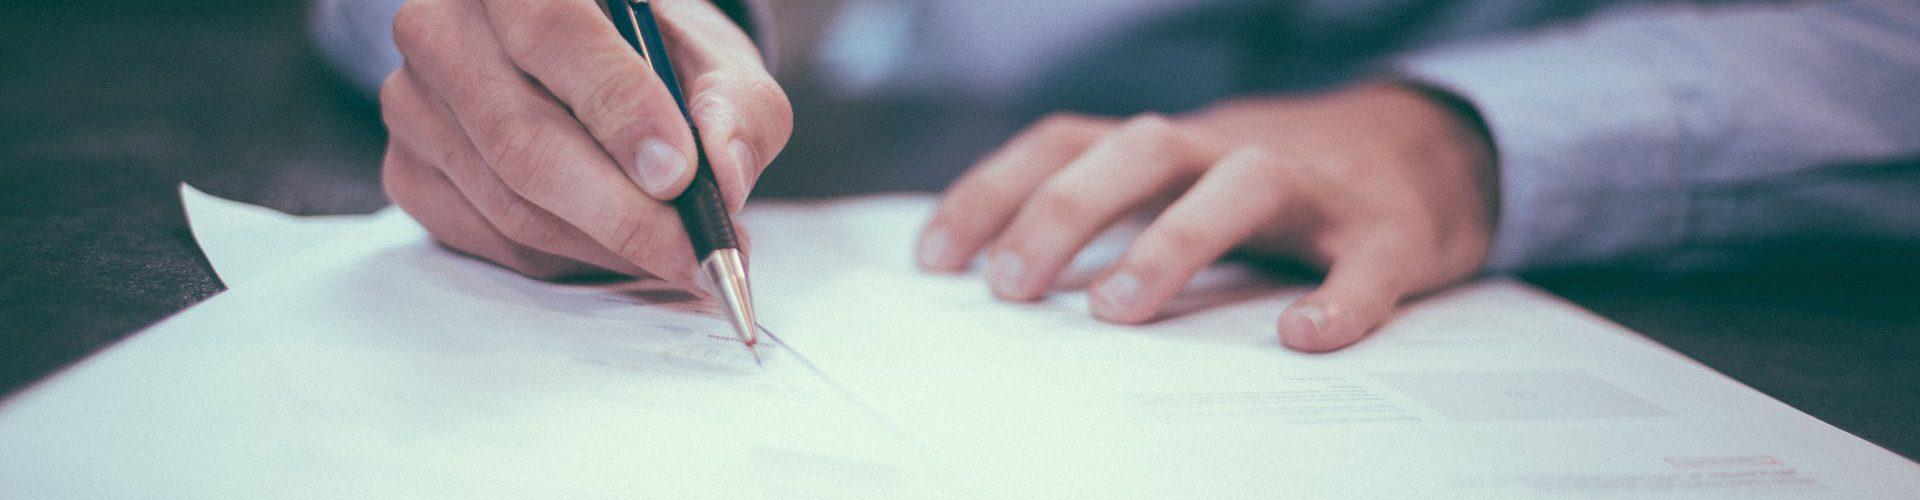 Bild zeigt einen Vertrag, der unterschrieben wird